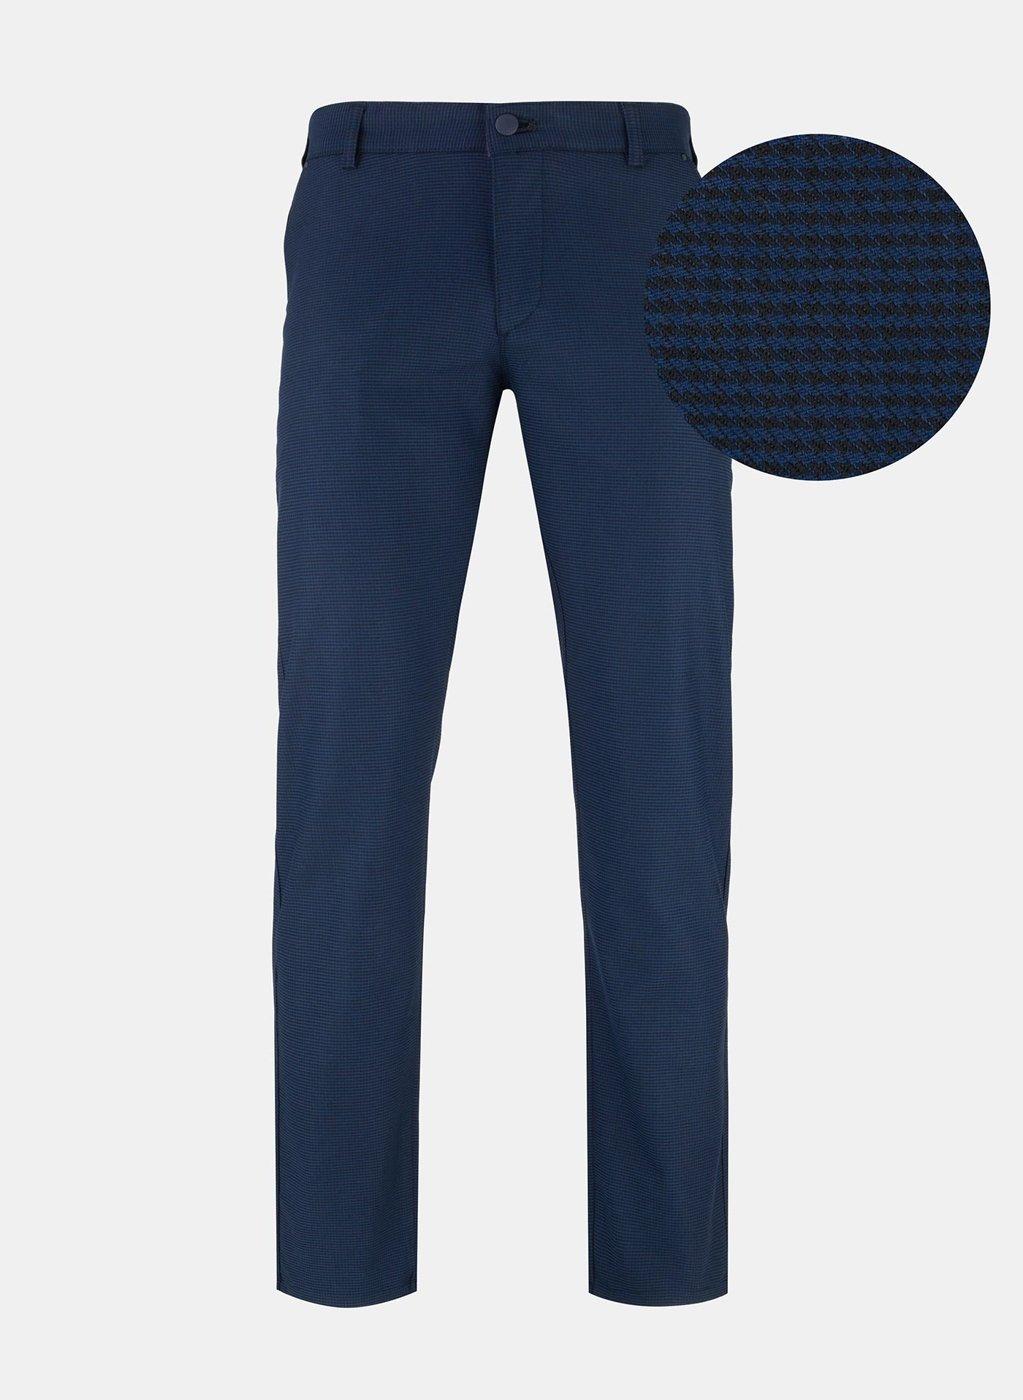 Spodnie męskie PLM-WX-207-G